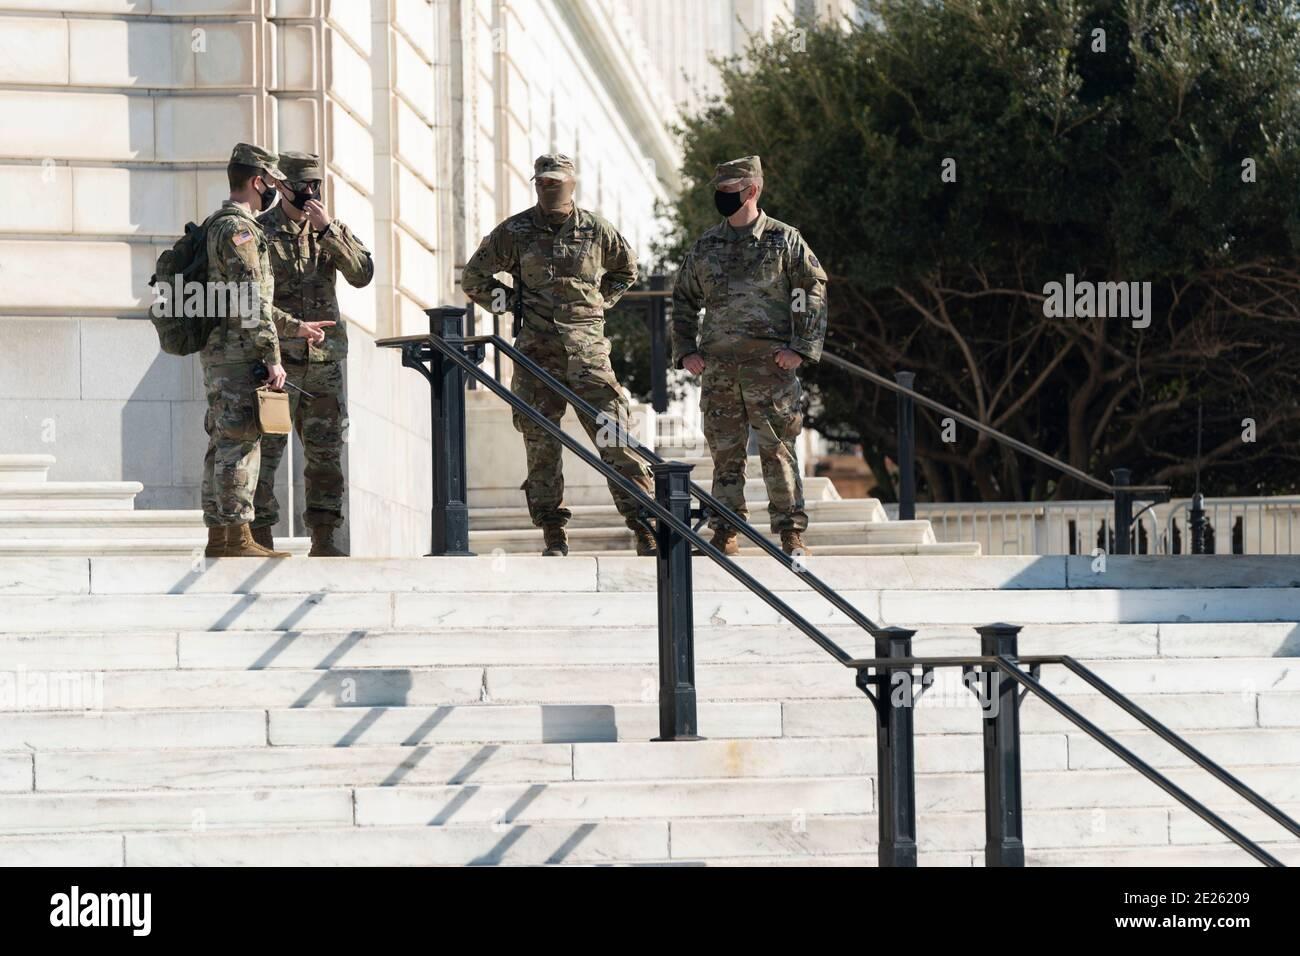 12 de enero de 2021- Washington DC- los miembros de la Guardia Nacional están vigilados en el edificio de la Oficina del Senado de Russell en Capitol Hill. Crédito de la foto: Chris Kleponis/Sipa USA Foto de stock